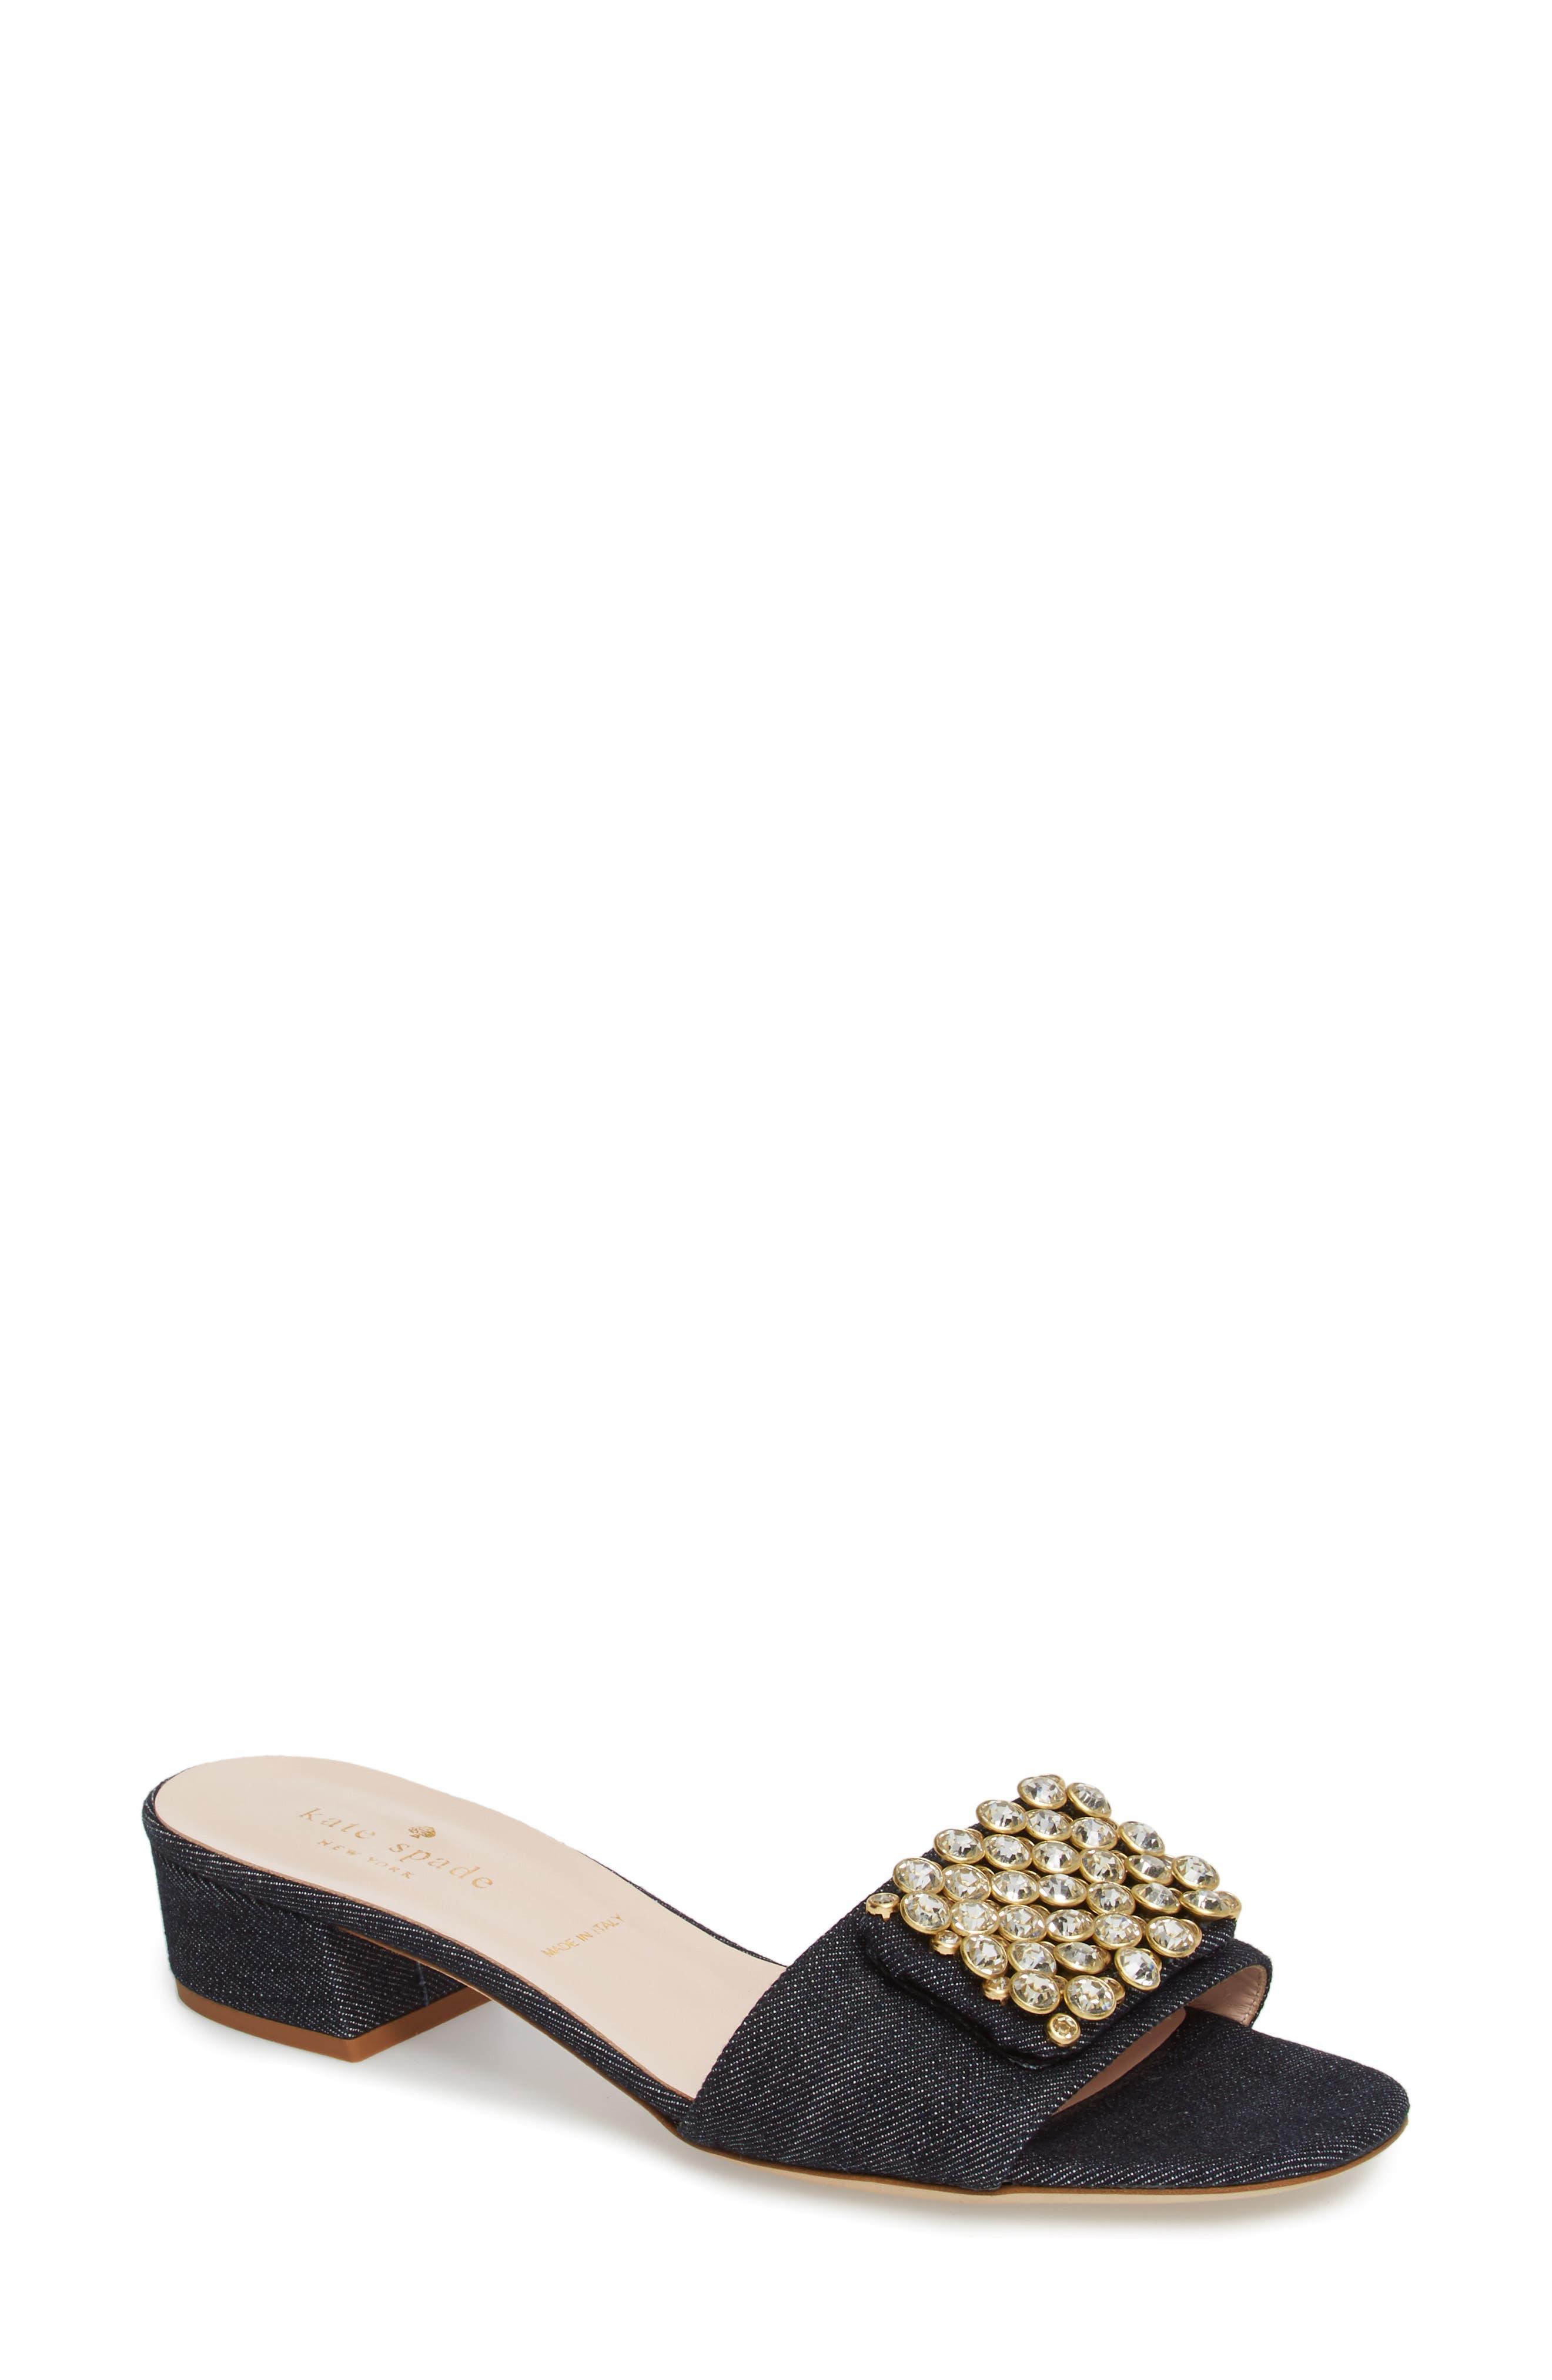 kate spade new york mazie crystal embellished slide sandal (Women)